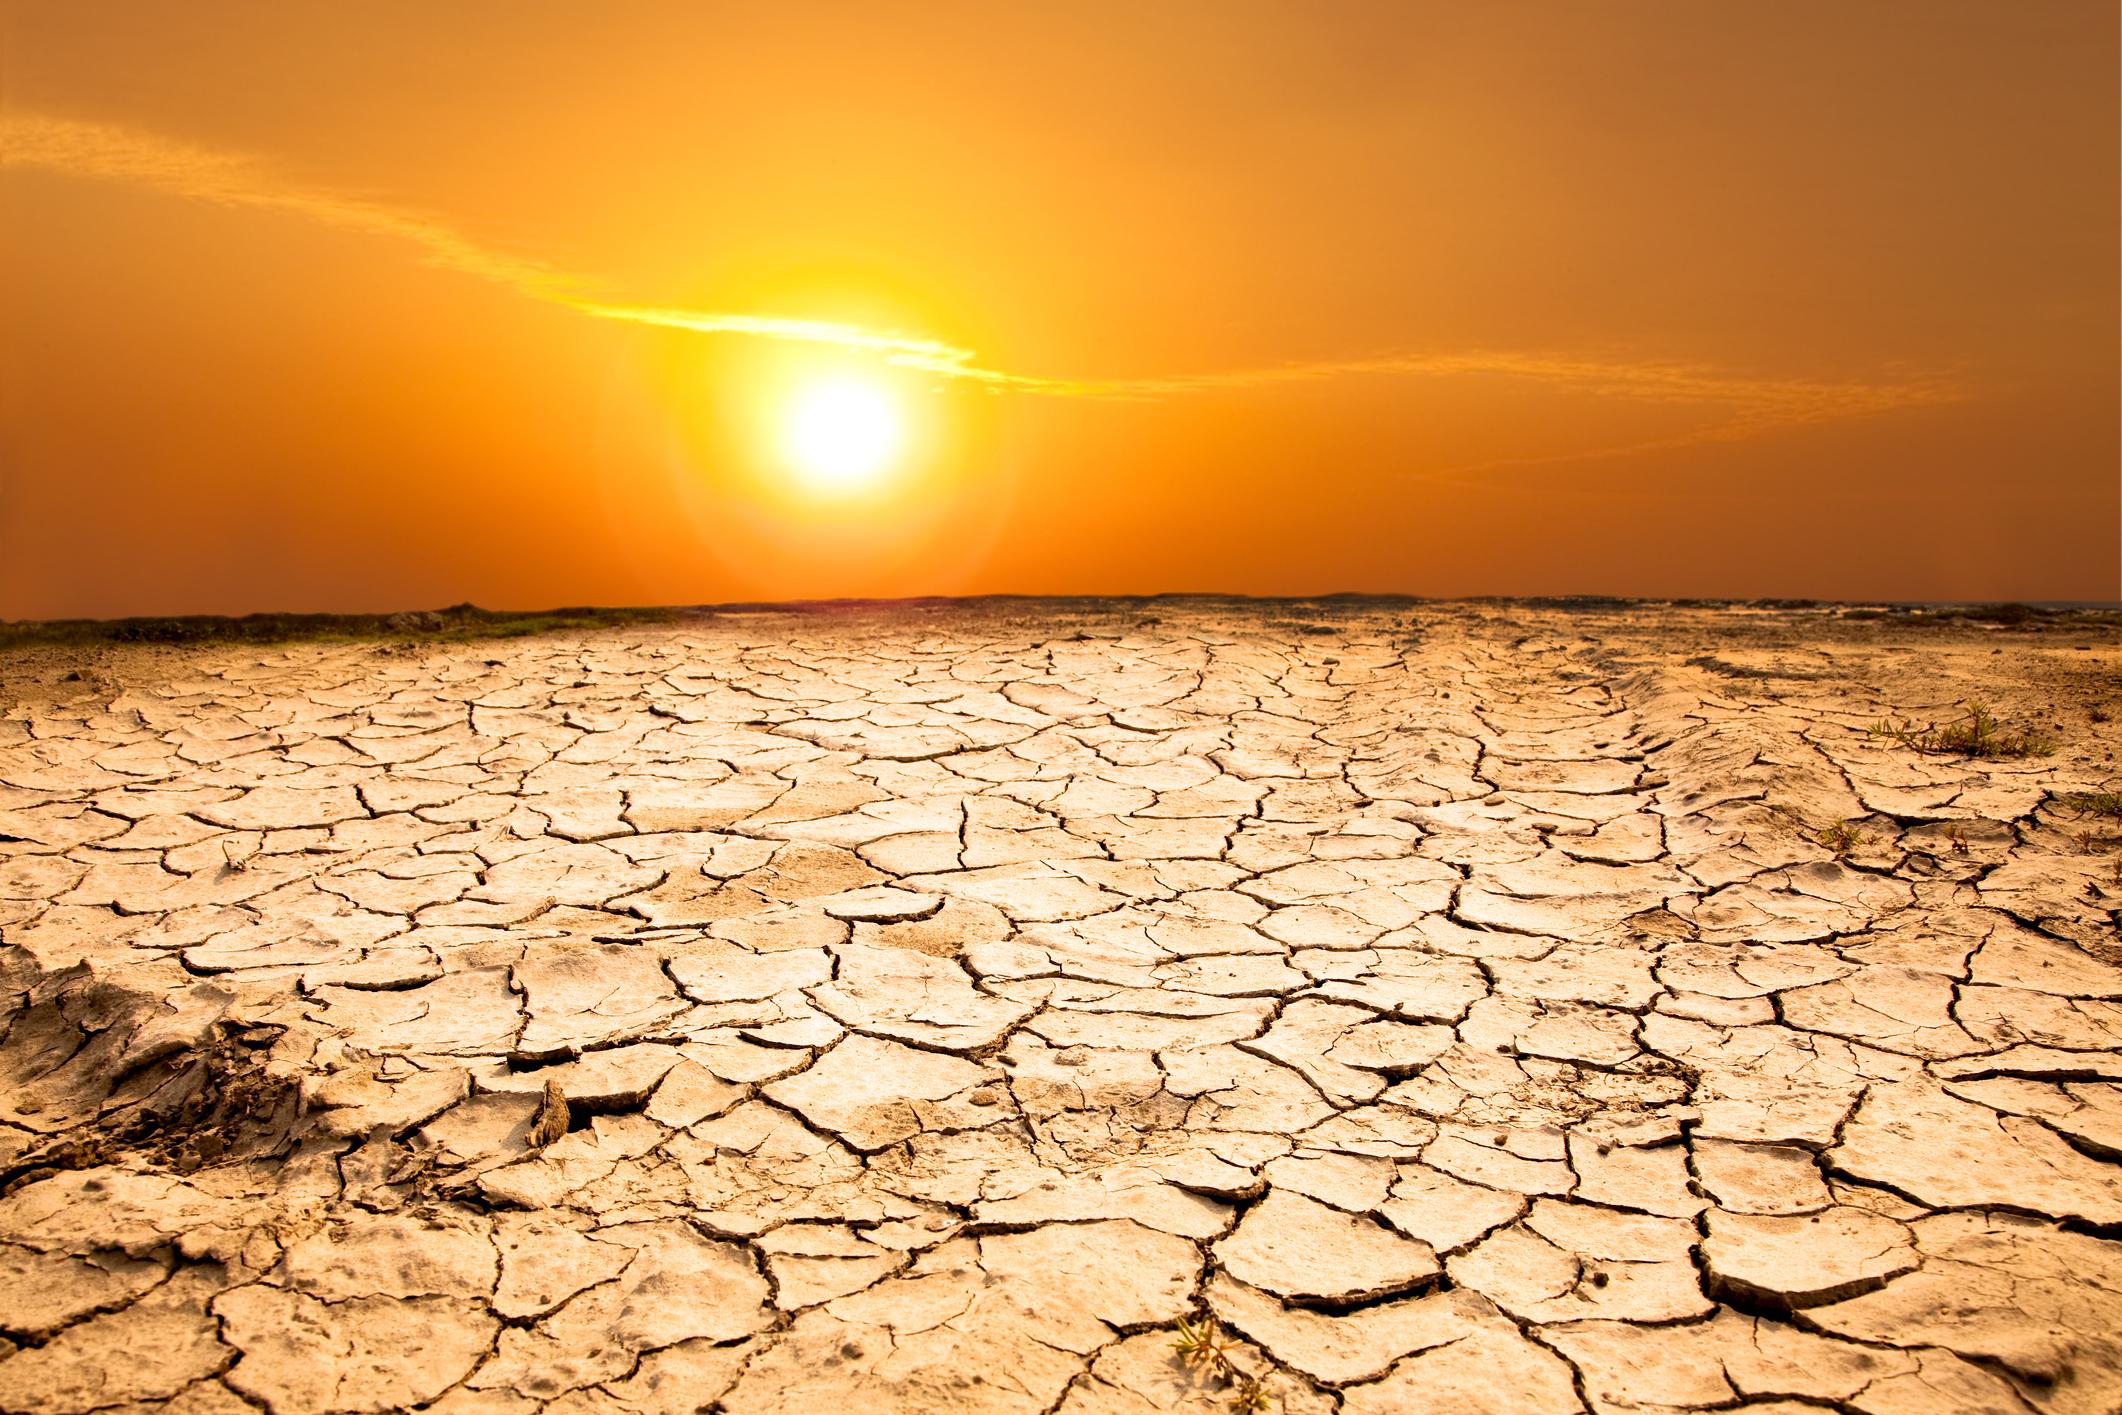 Các đợt nắng nóng sẽ không ngừng gia tăng vào cuối thế kỷ này. Ảnh: Tom Wang.